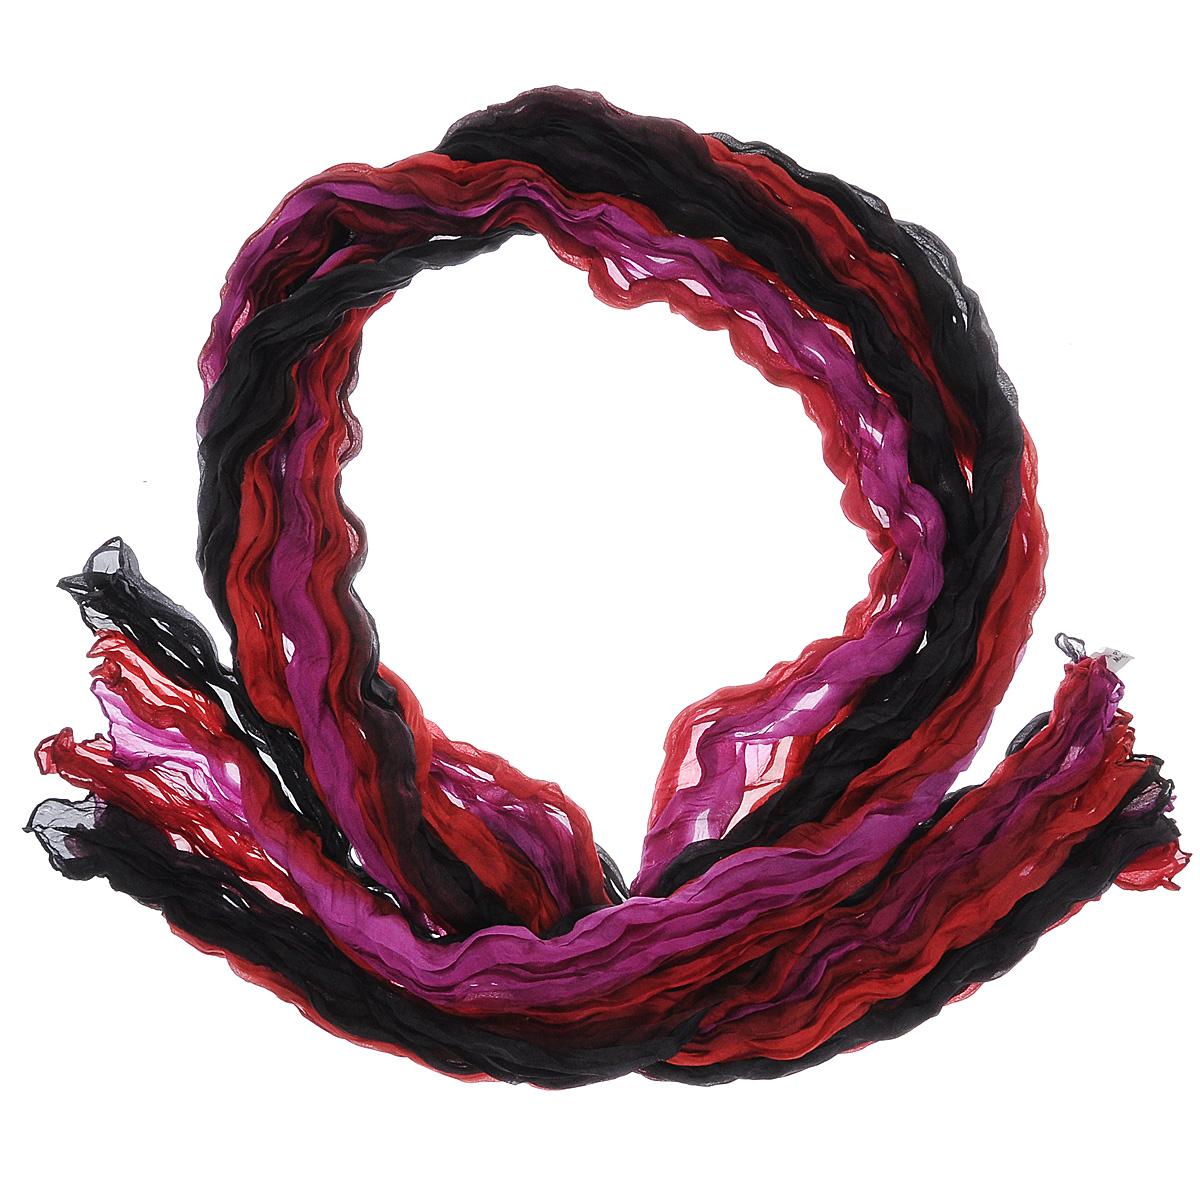 Шарф женский Ethnica, цвет: красный, черный, цикламен. 415260н. Размер 100 см х 170